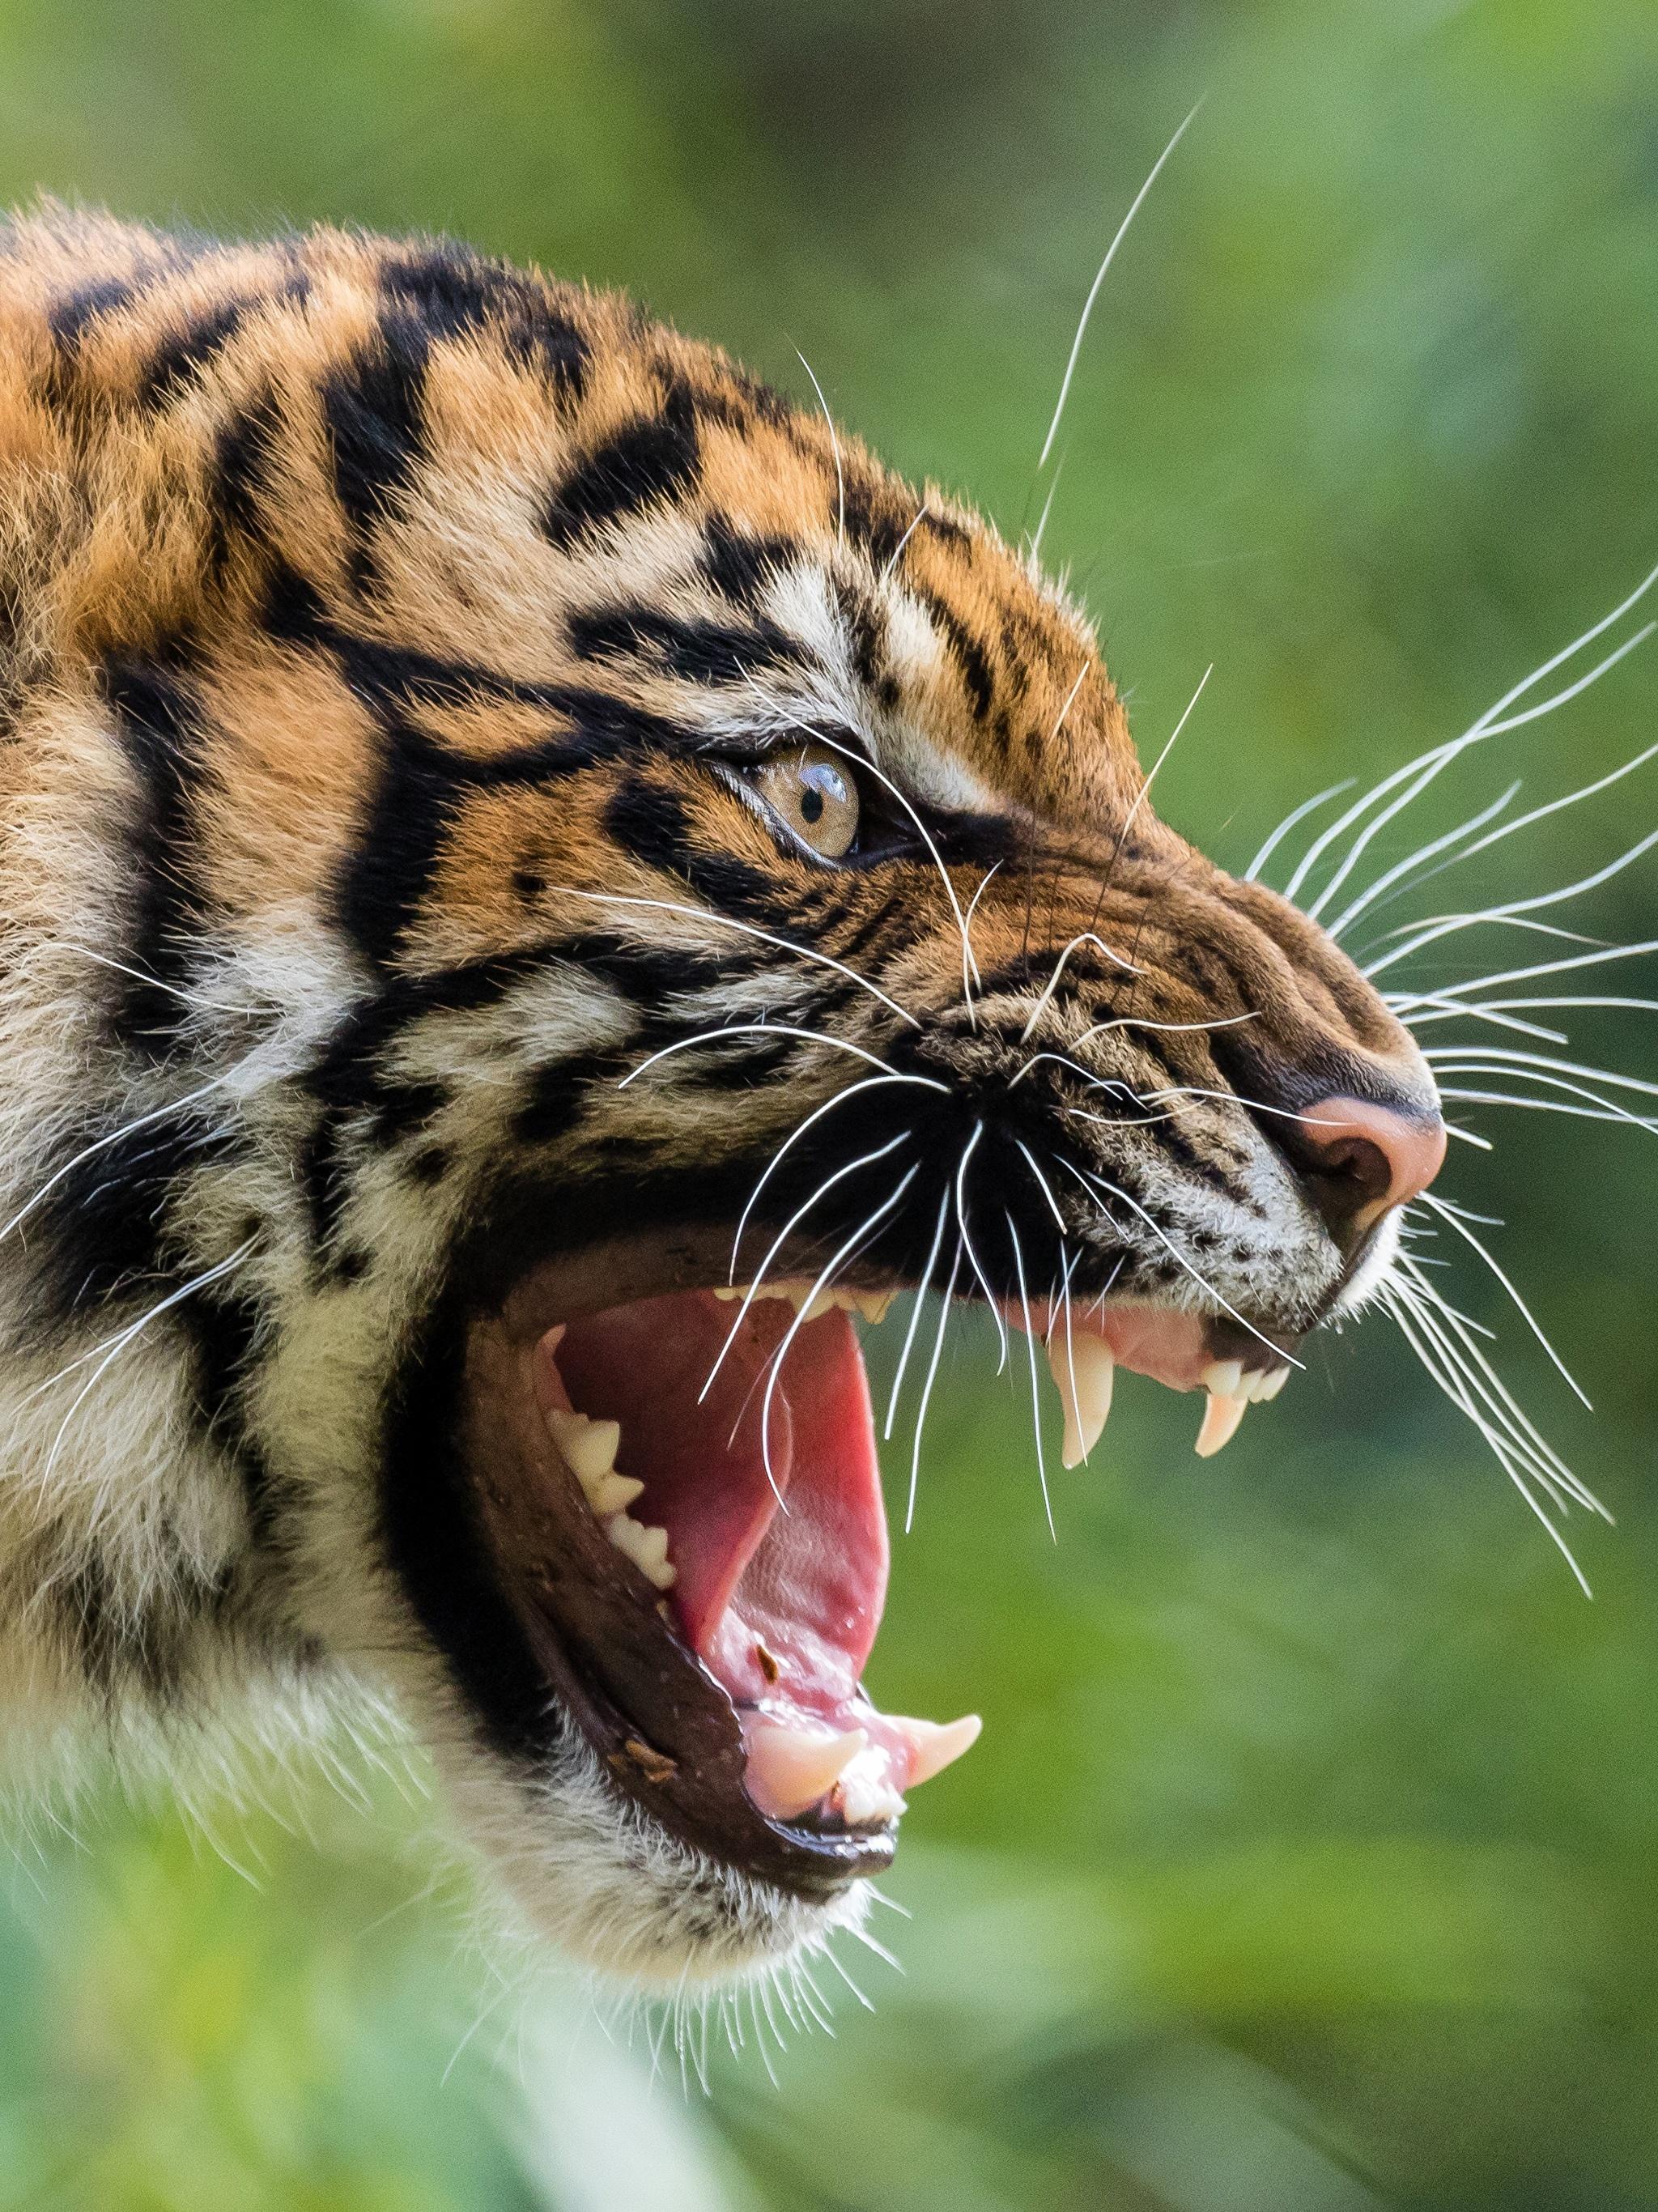 Скачать Обои На Телефон Оскал Тигра